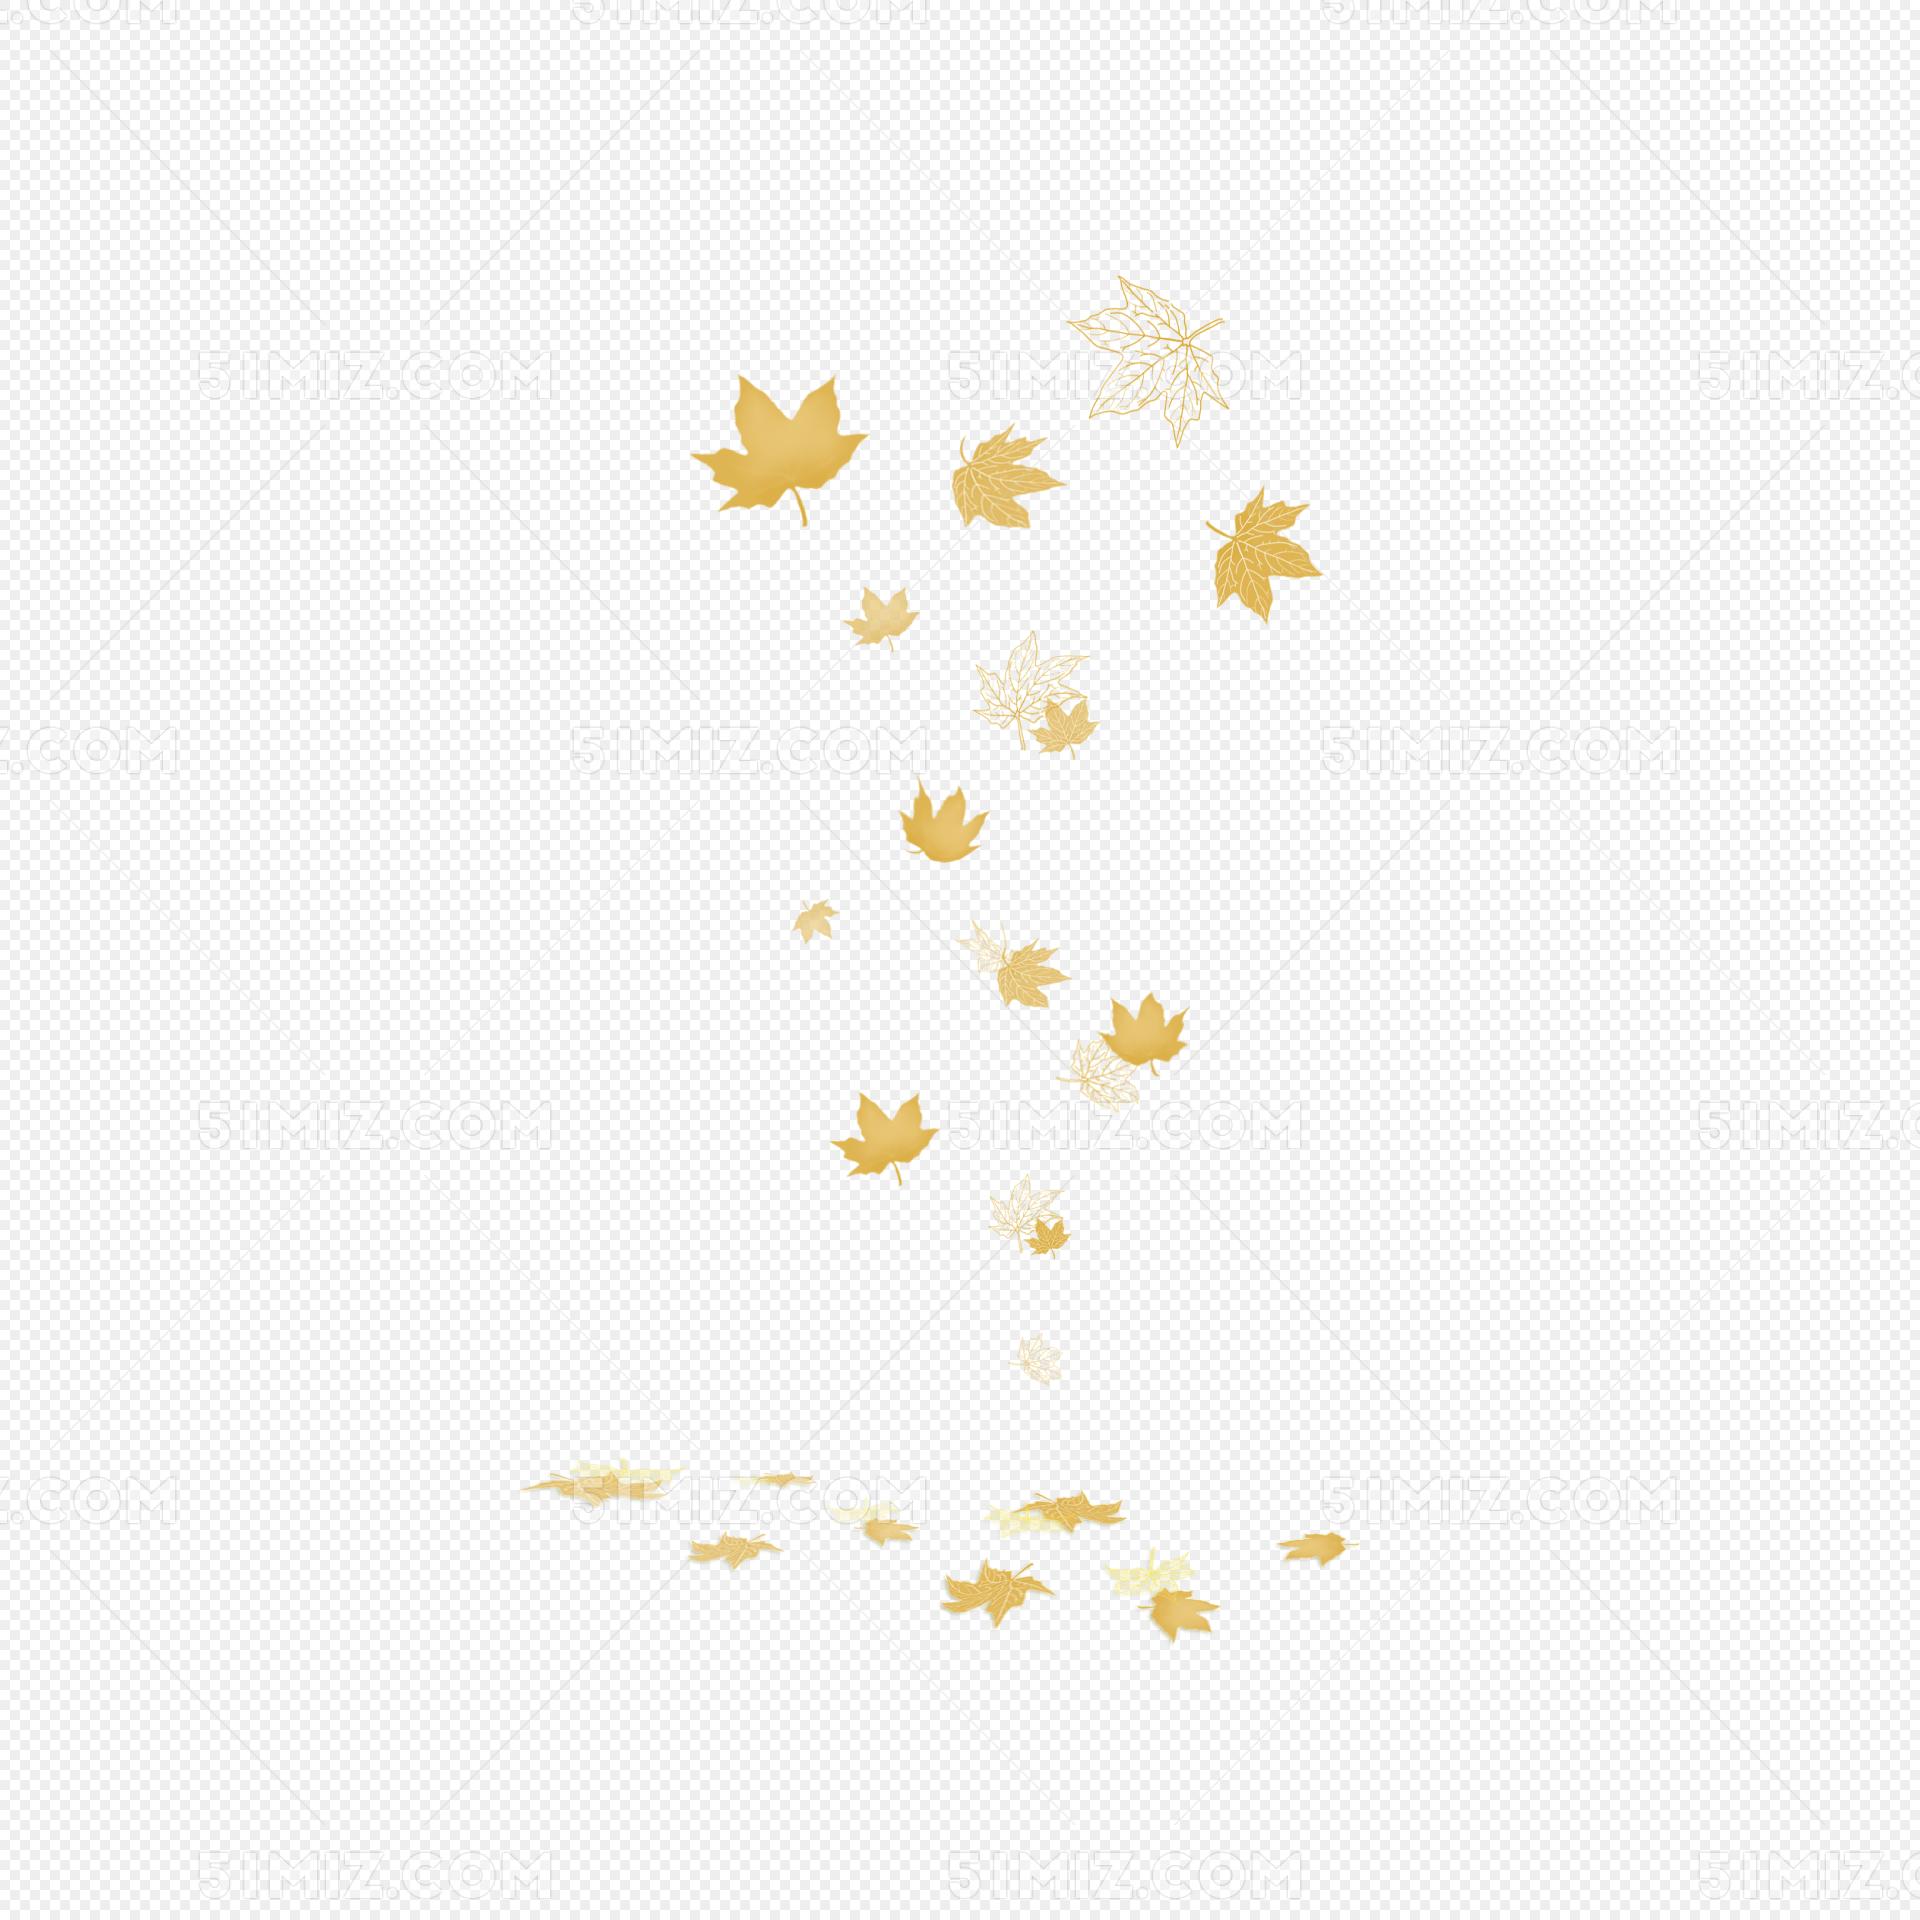 手绘立秋金色枫叶